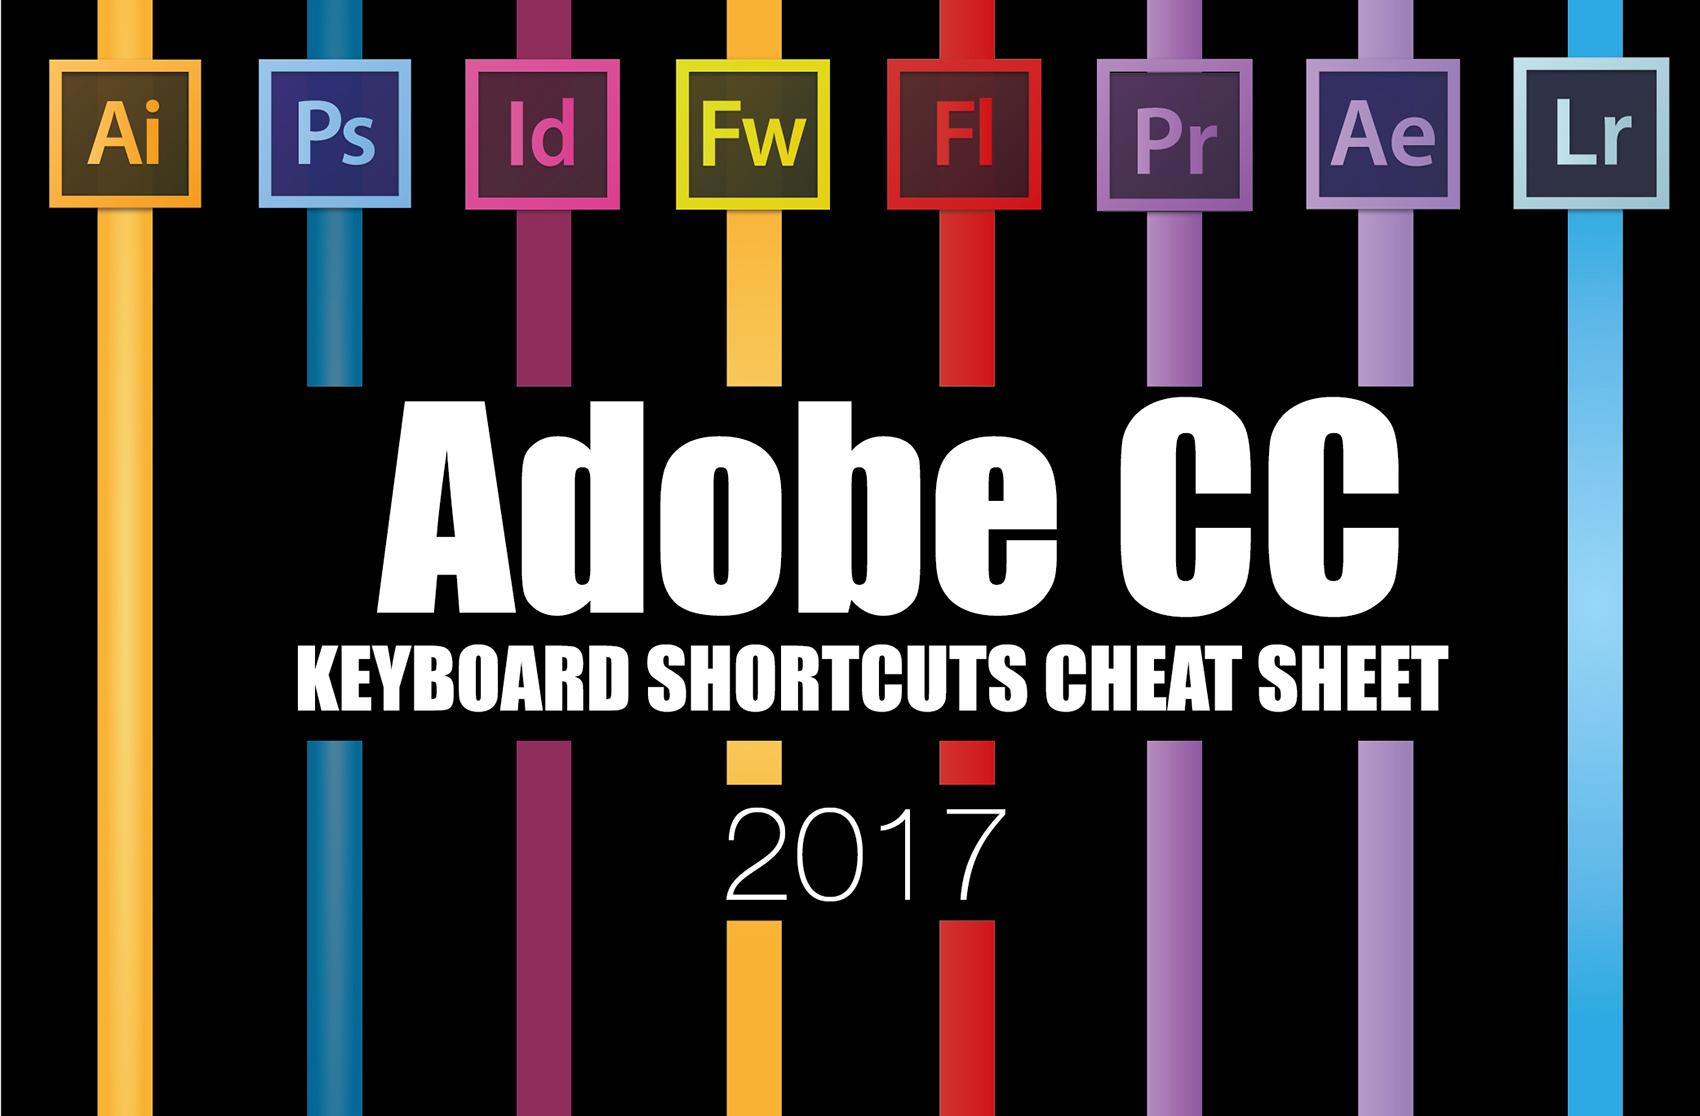 สรุปคีย์ลัด (Keyboard Shortcut) Adobe Creative Cloud 2017 ทุกโปรแกรม!